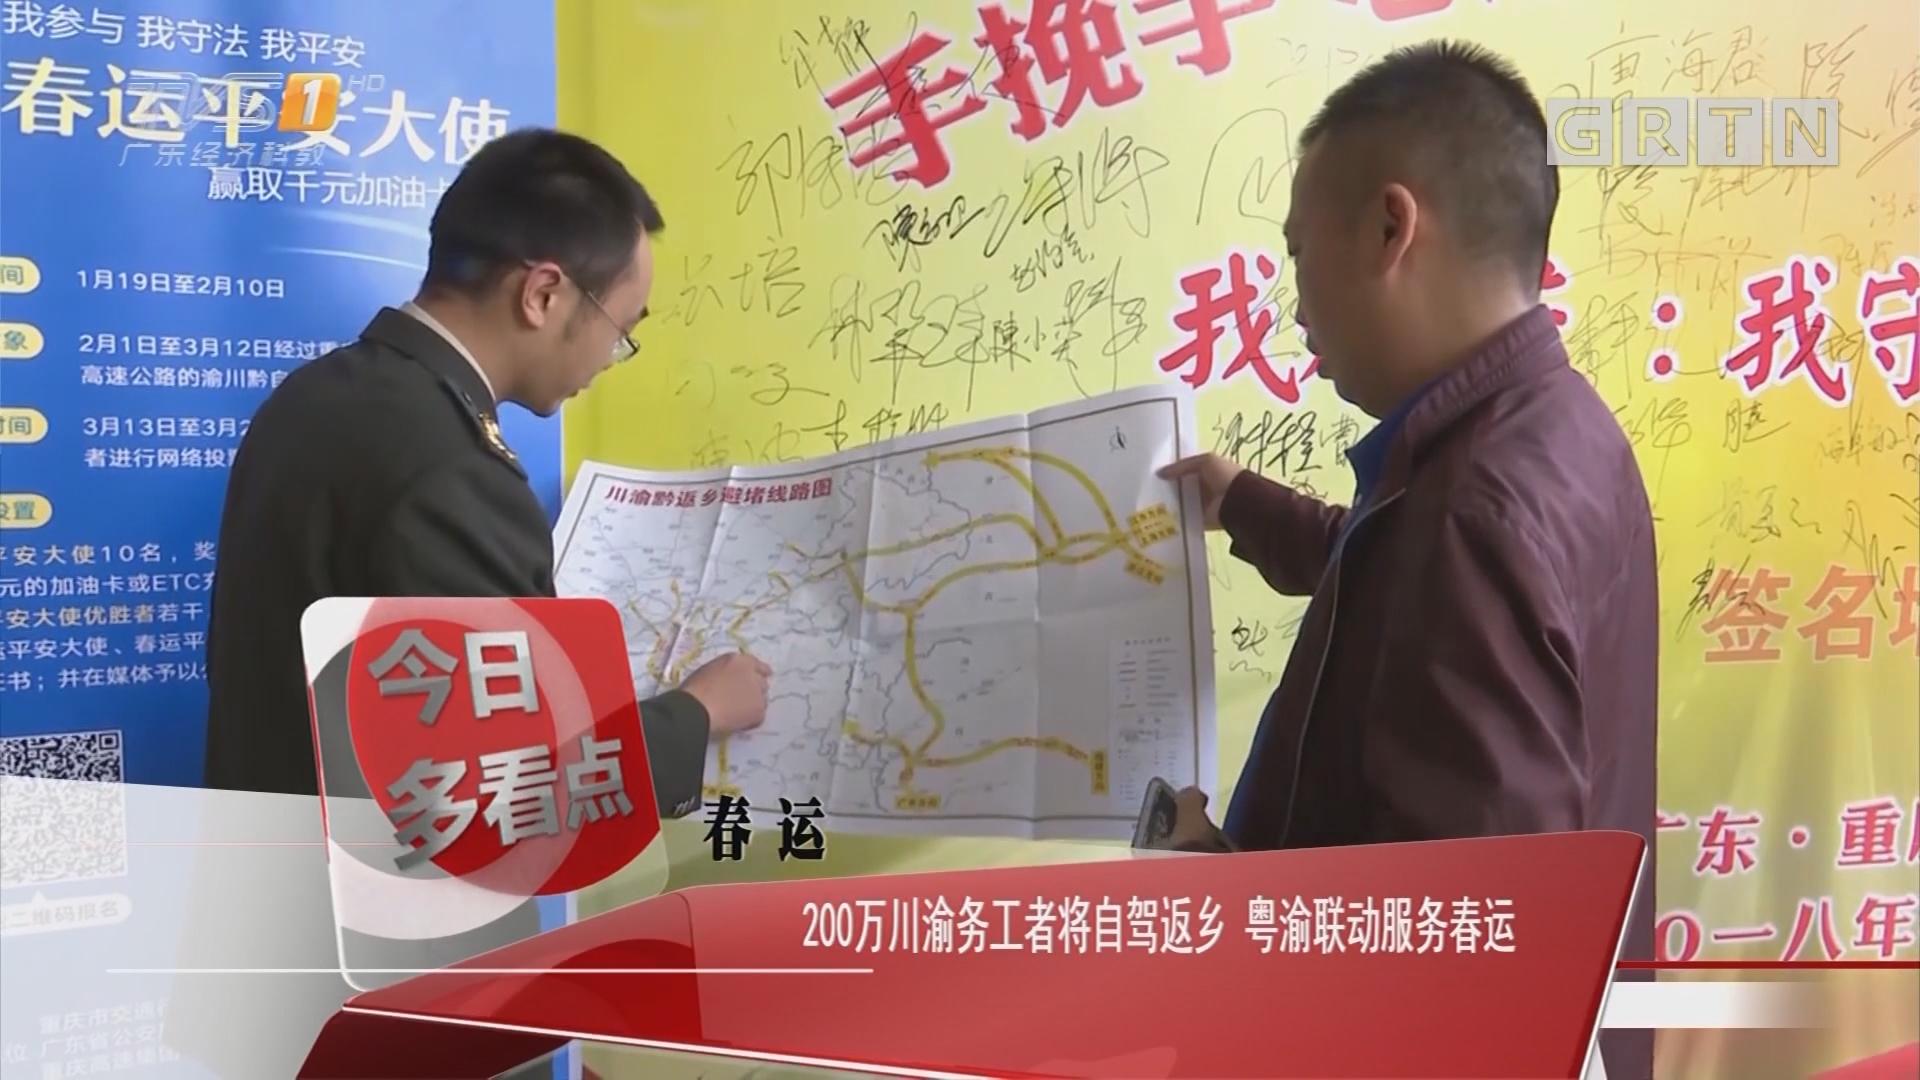 春运:200万川渝务工者将自驾返乡 粤渝联动服务春运